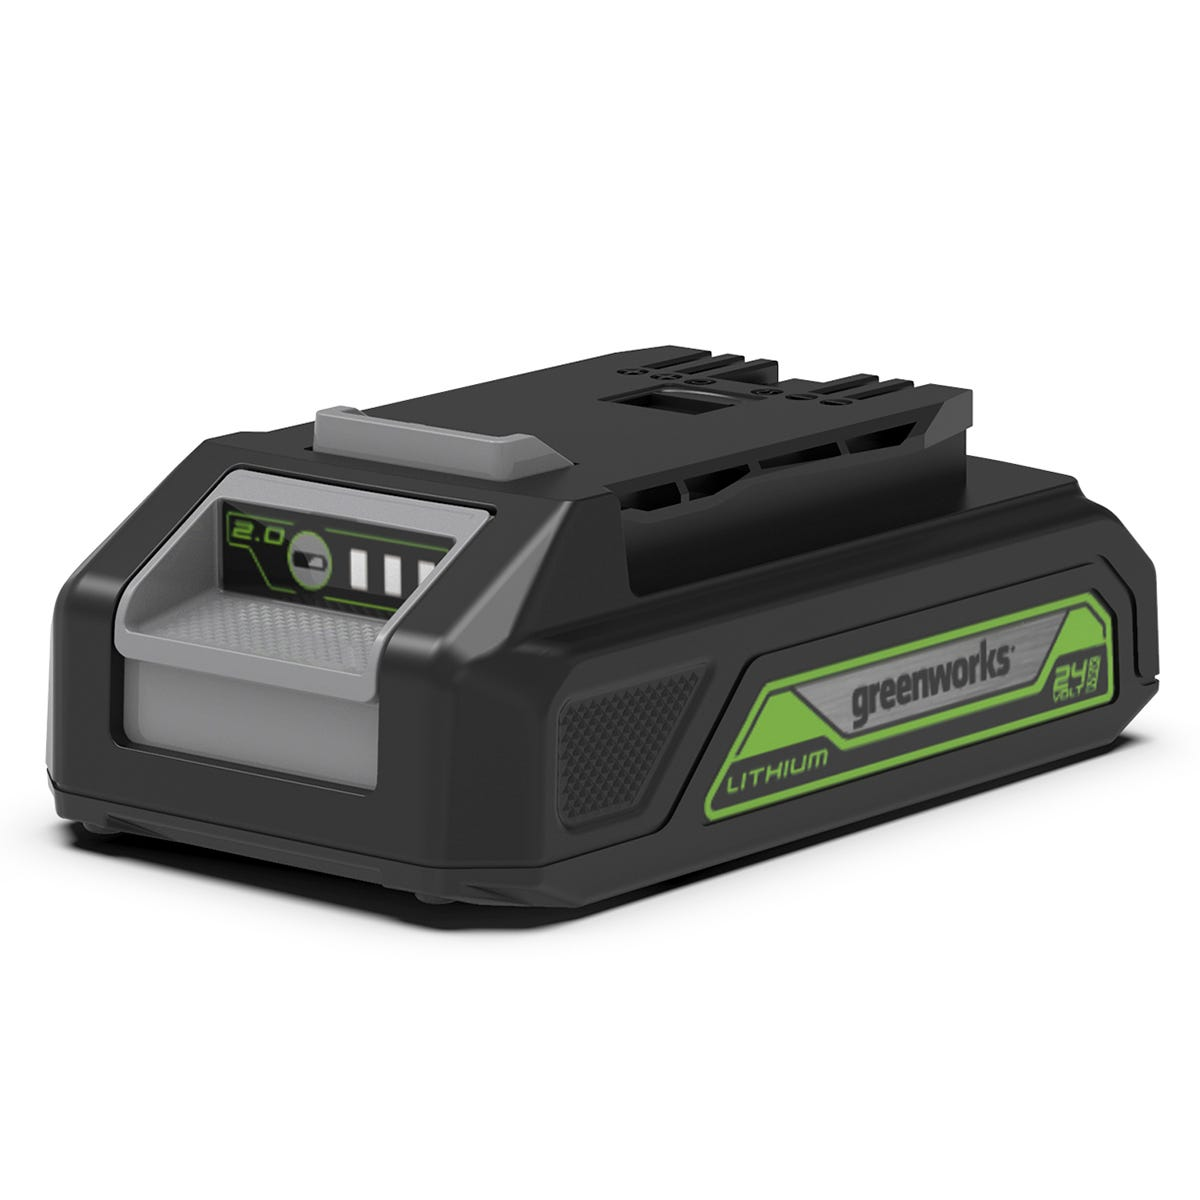 Greenworks 24v 2Ah Battery